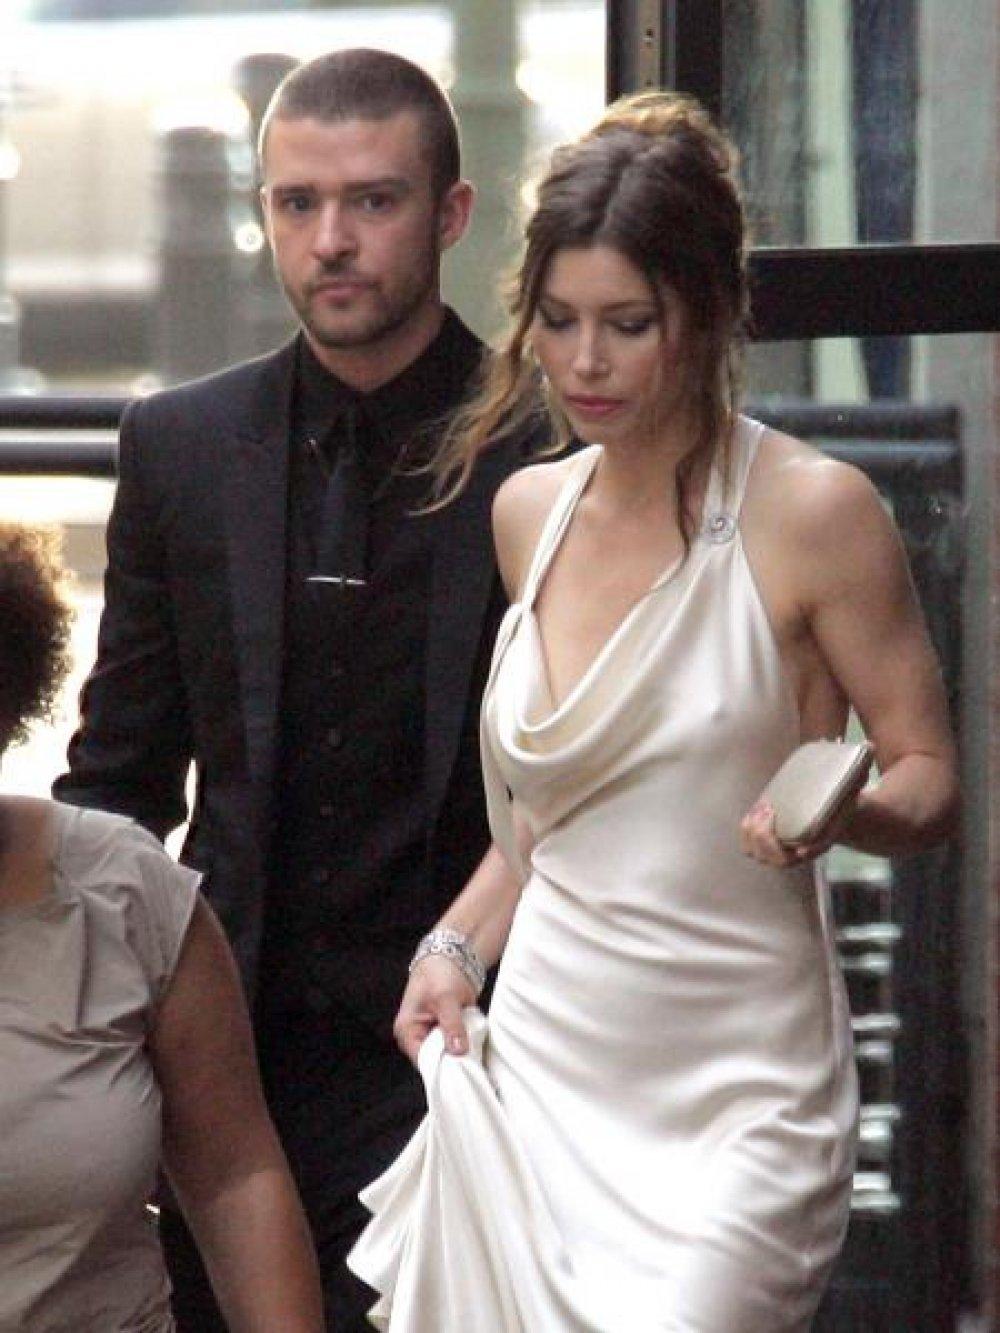 Koji se sada druži s Justinom Timberlakeom